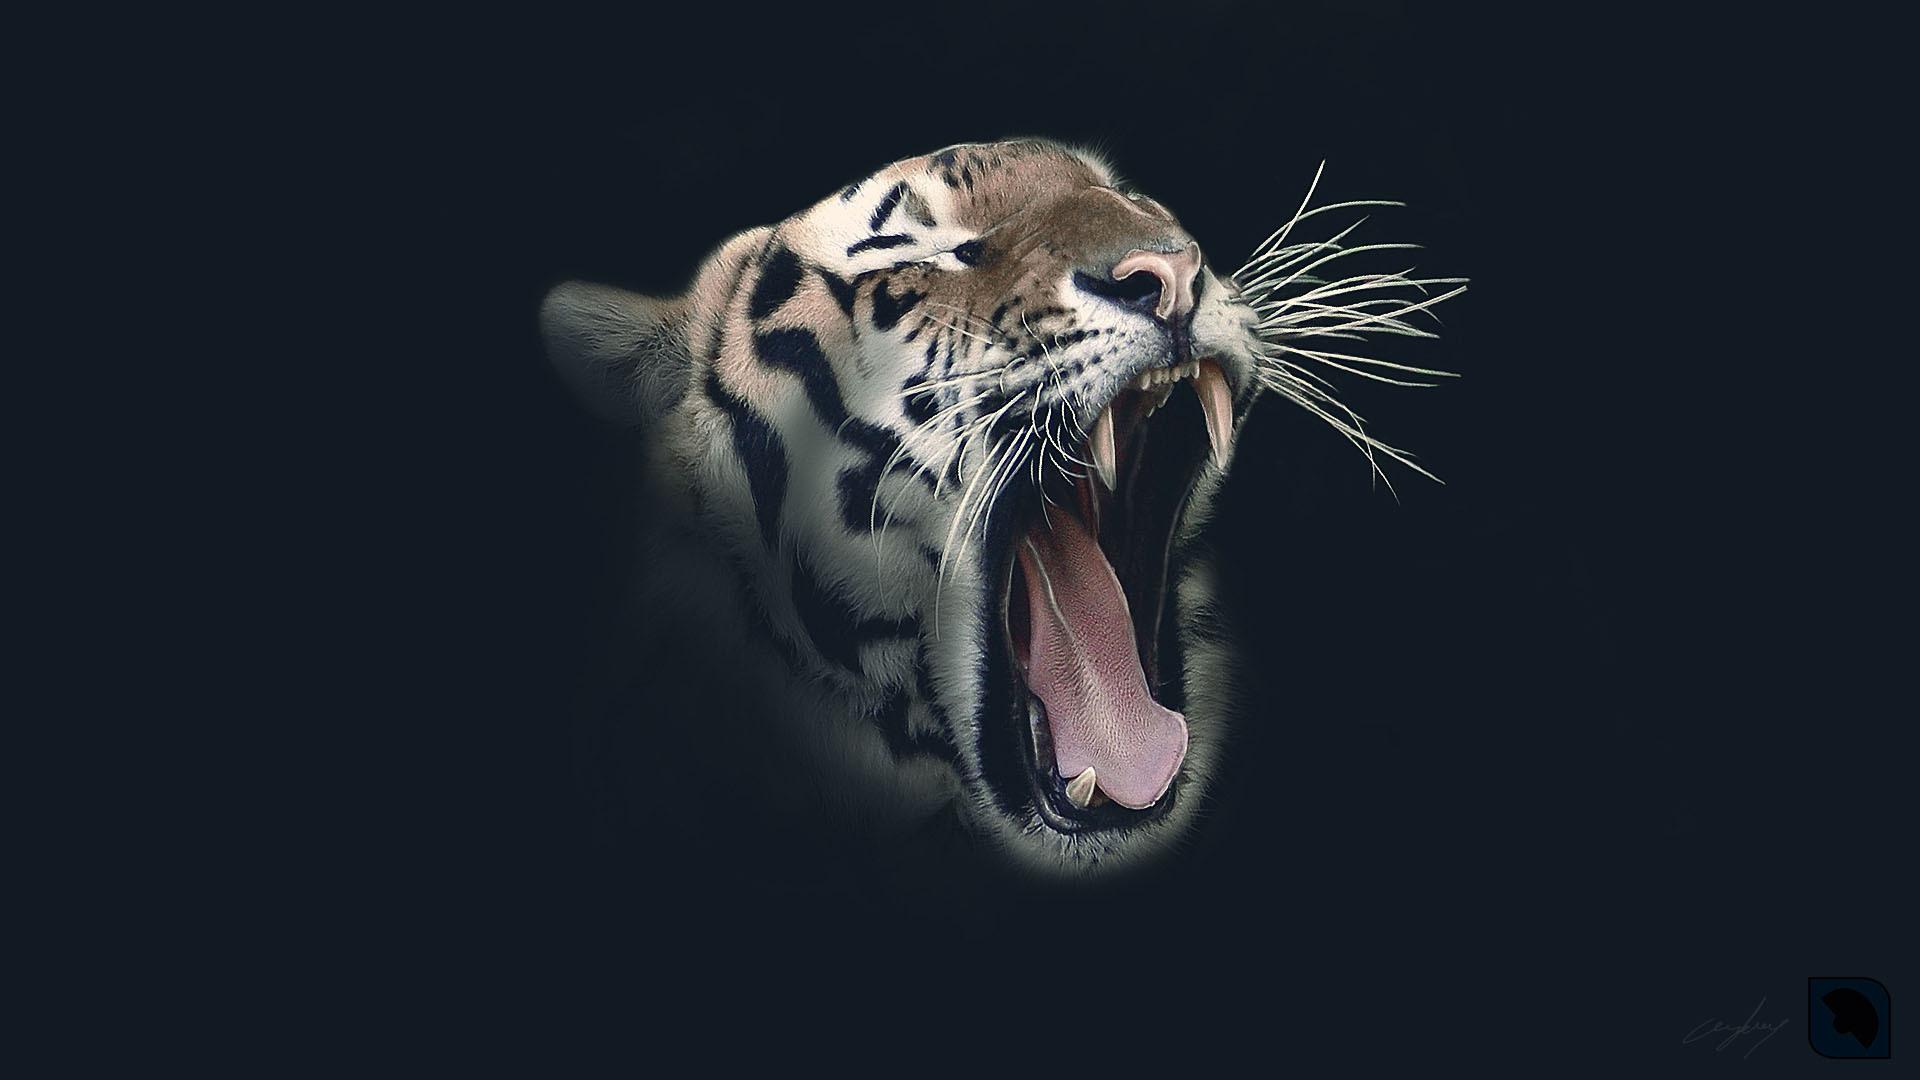 Tiger 4K